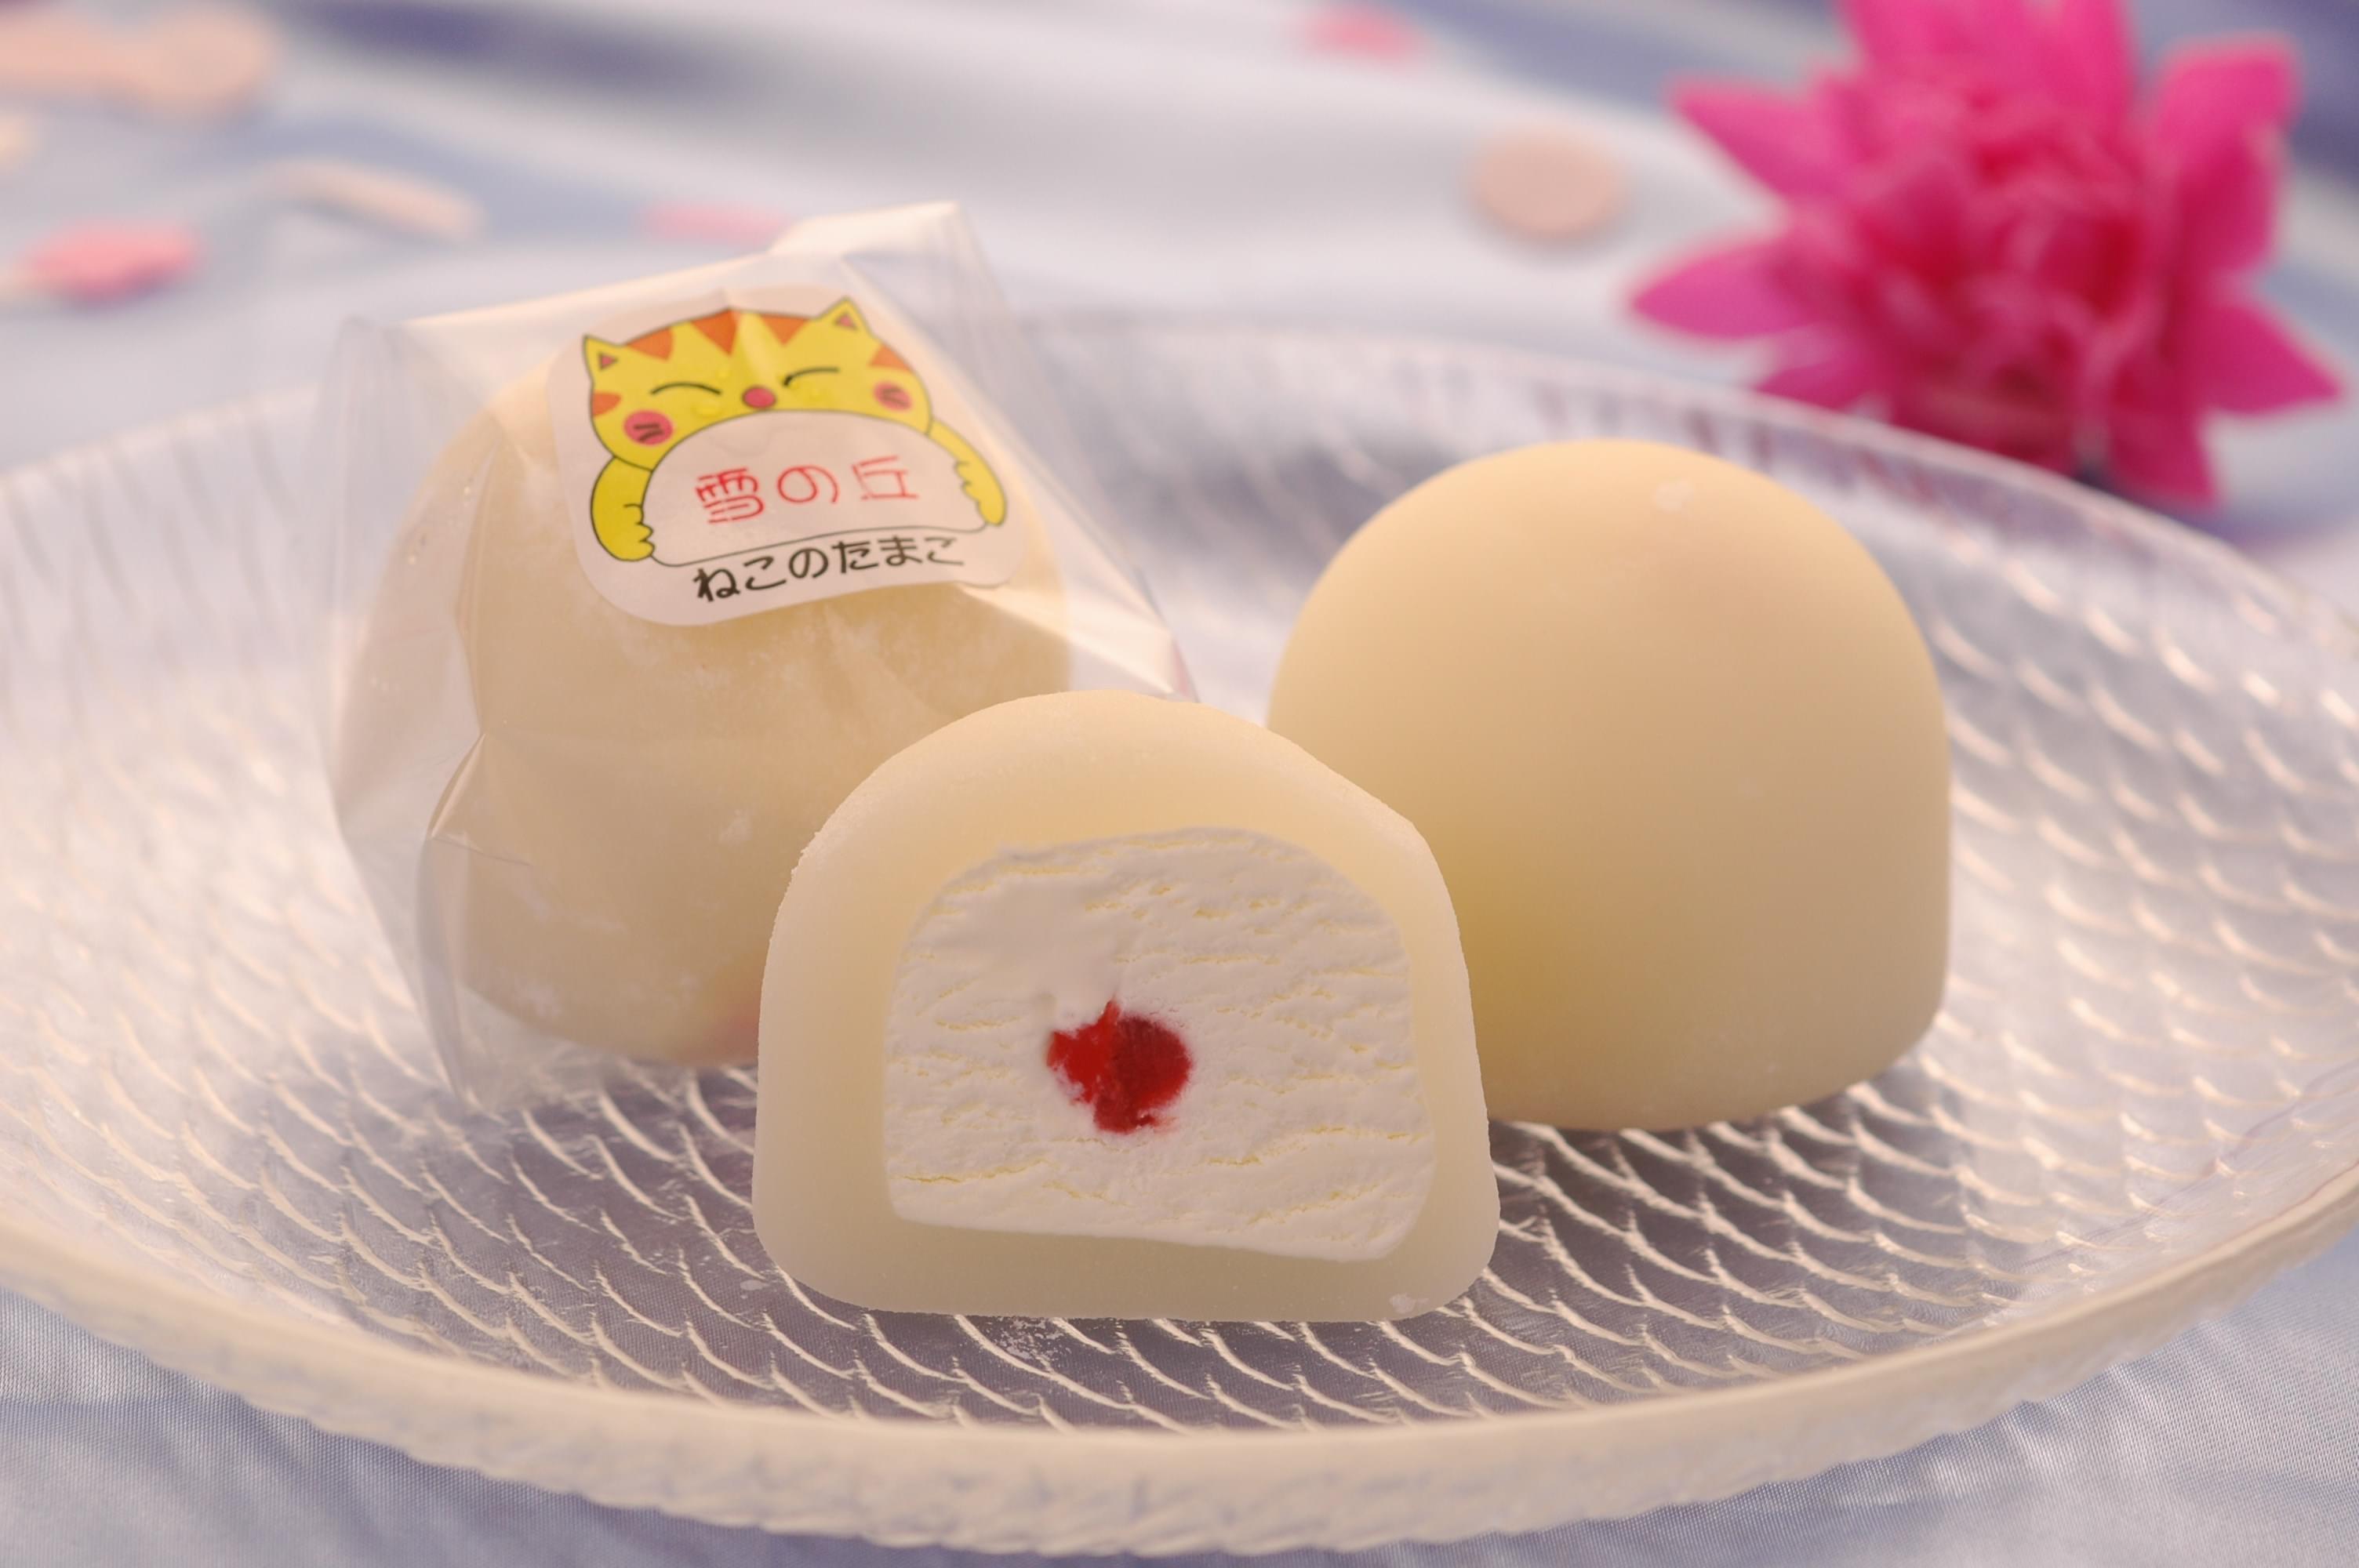 釧路の地元の人おすすめ15選!人気のお菓子や、かわいい雑貨もご紹介!